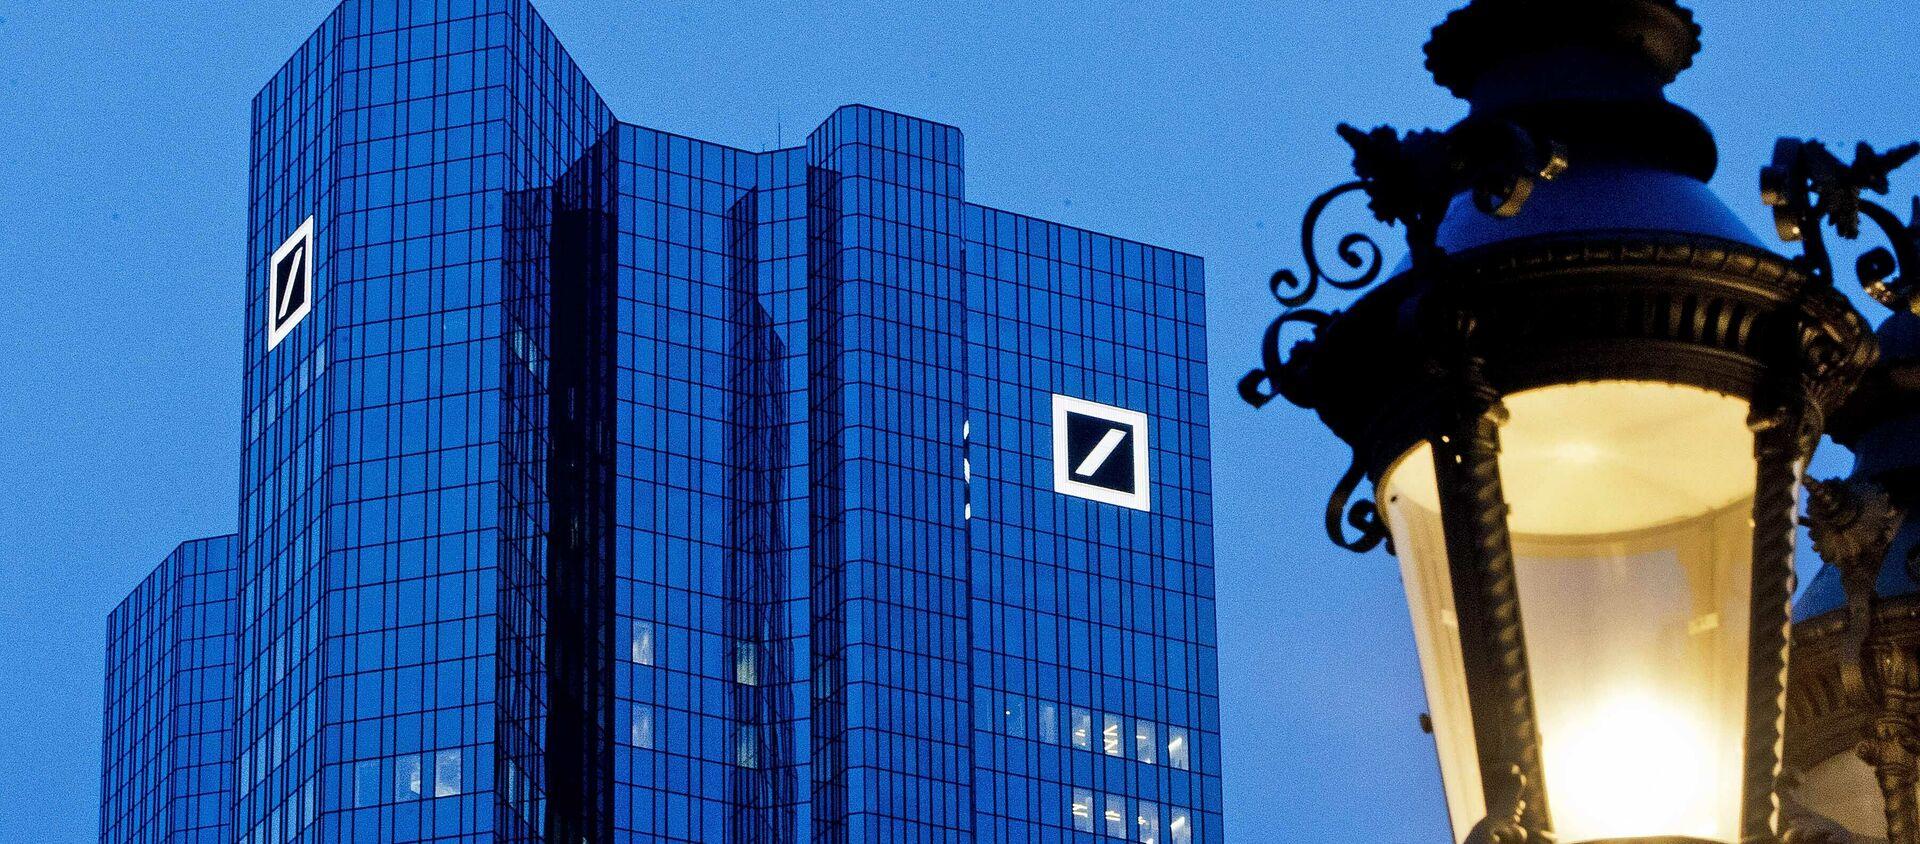 La sede de Deutsche Bank en Frankfurt, Alemania - Sputnik Mundo, 1920, 14.05.2020